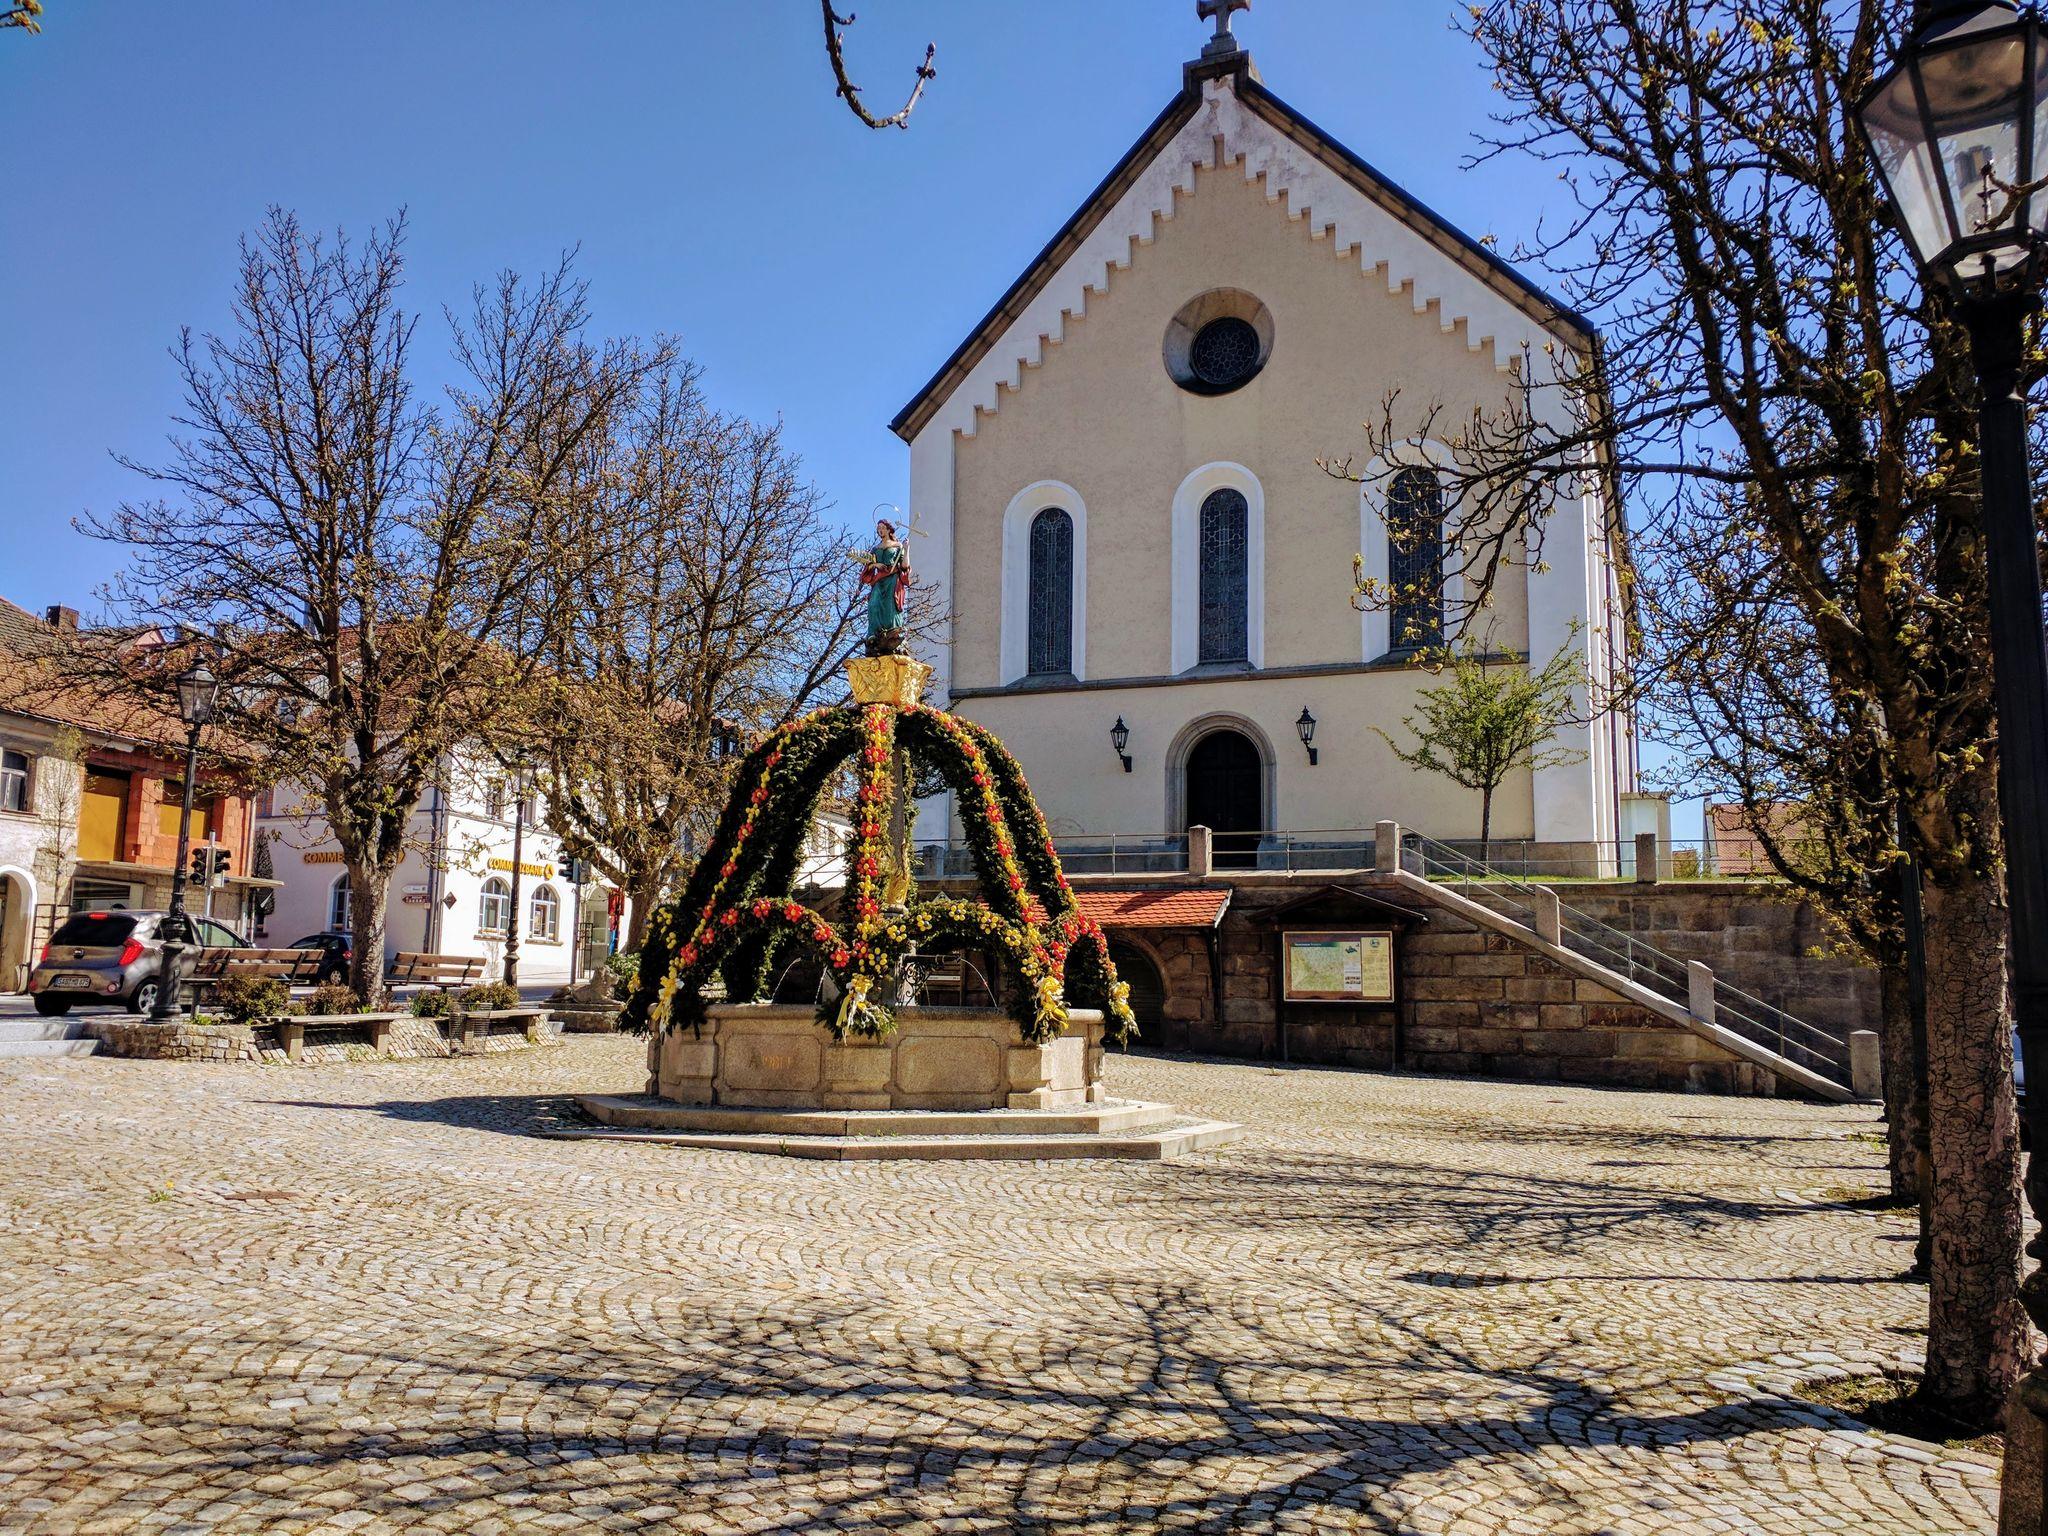 Trans Bayerwald - Osterbrunnen vor der Kirche St. Martin in Rötz